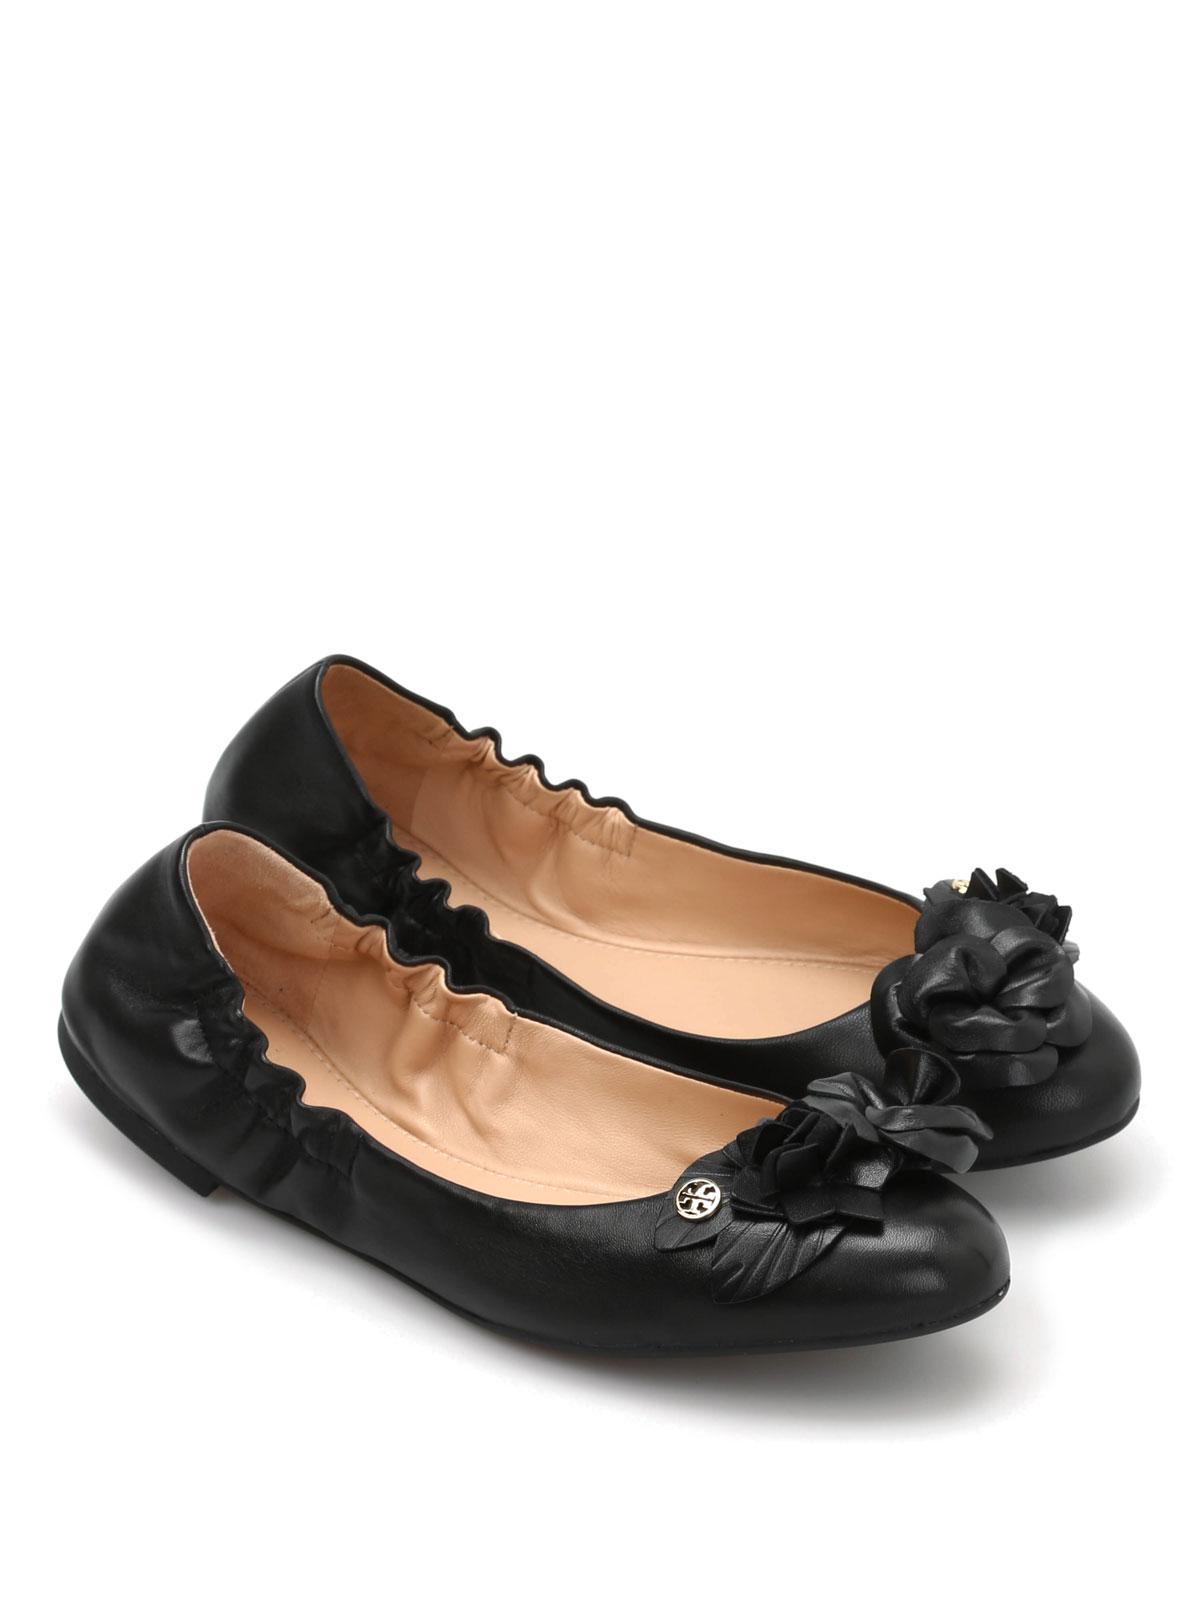 4a7b78eccf35 Tory Burch - Blossom Ballet flats - flat shoes - 32458001